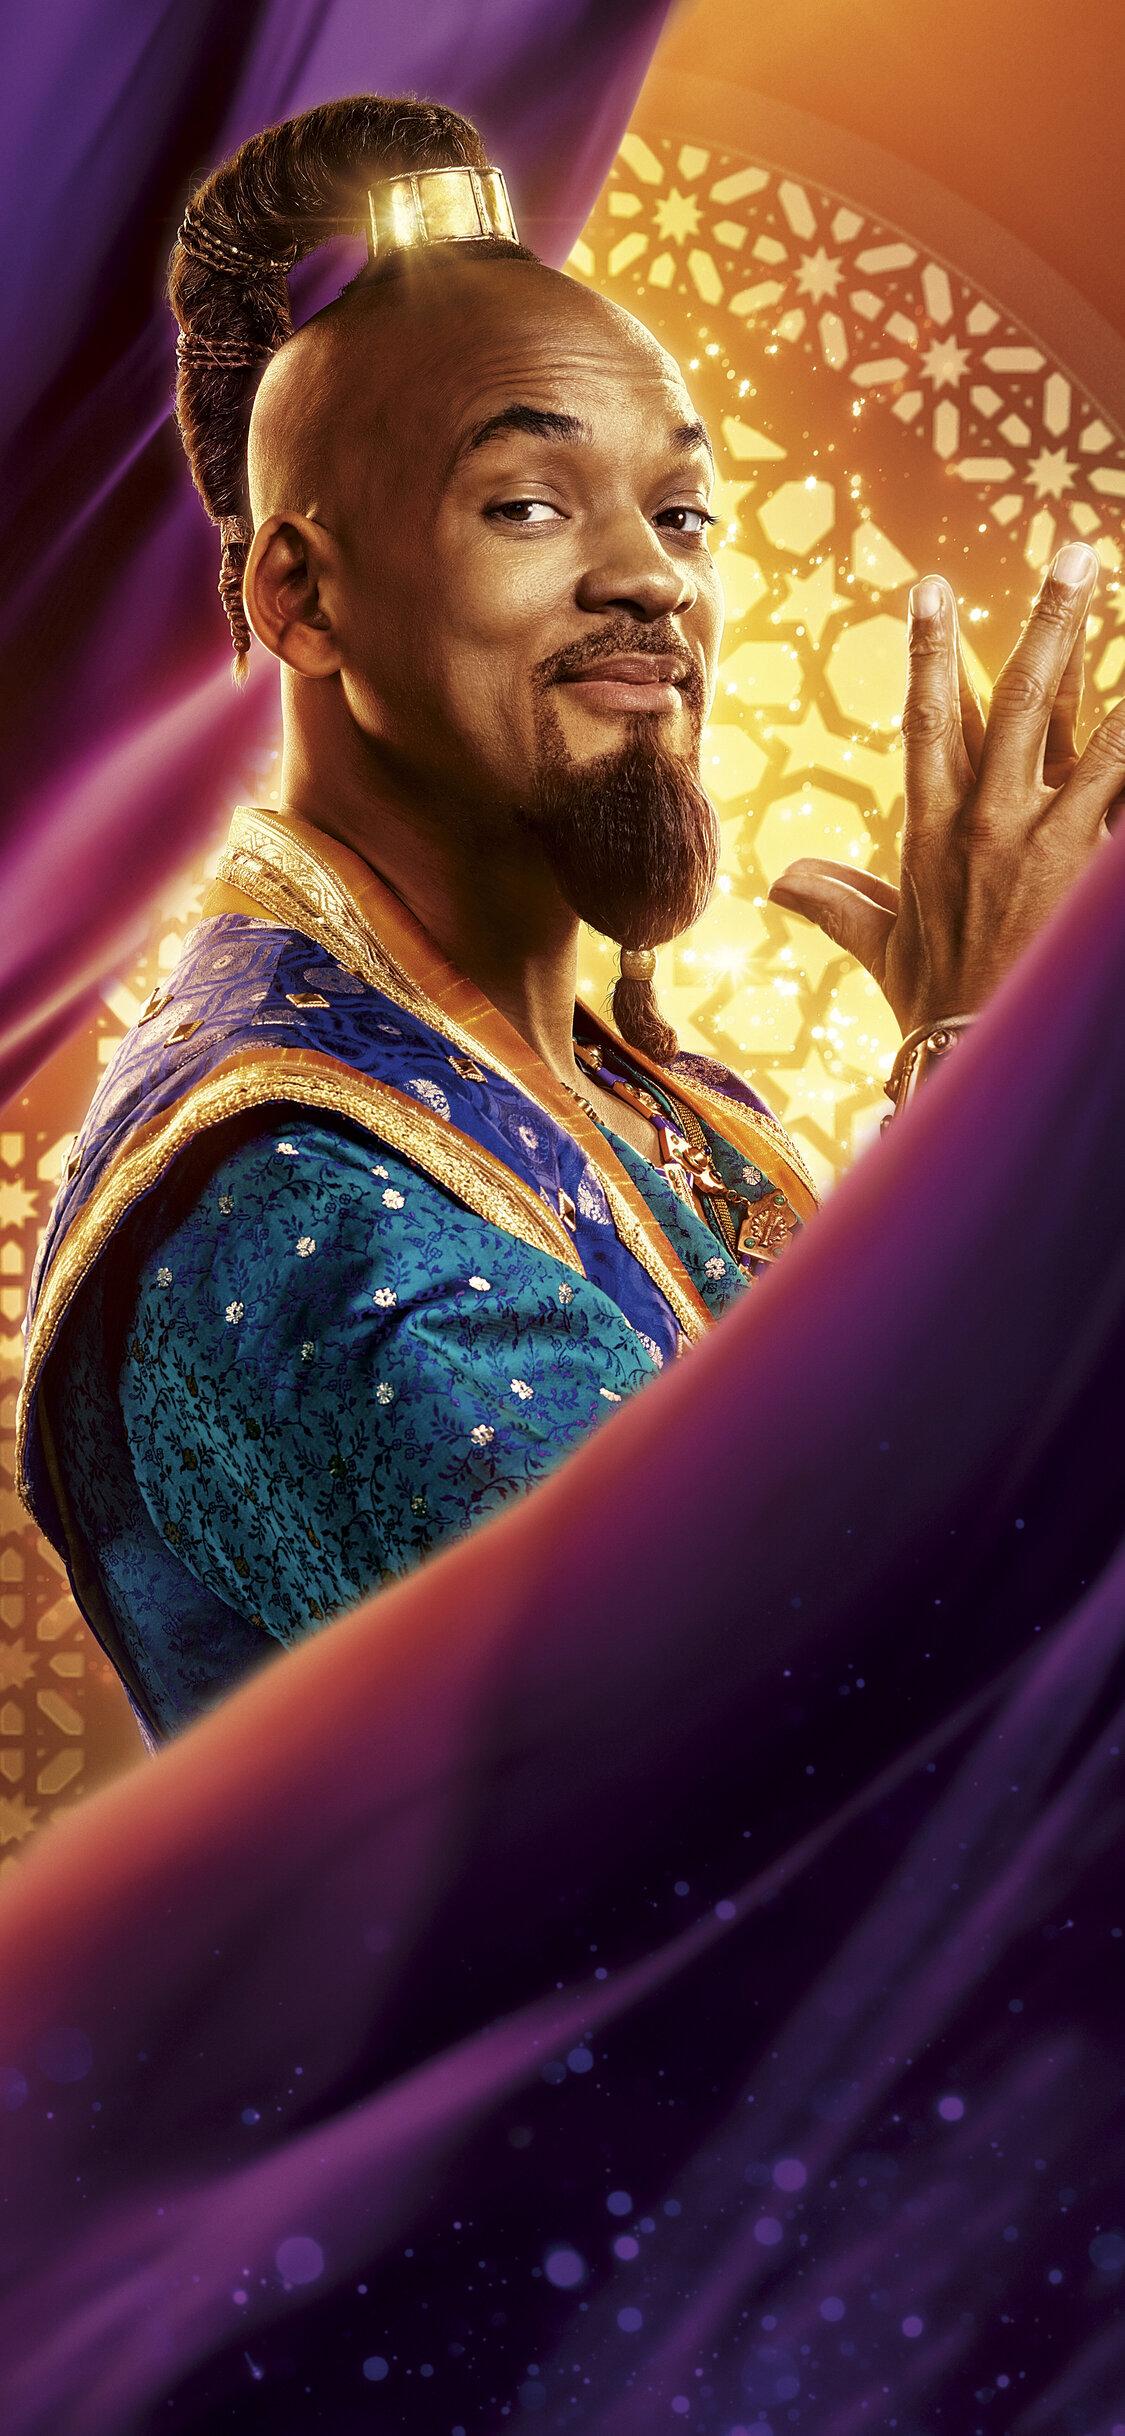 1125x2436 Genie In Aladdin 2019 5k Iphone Xs Iphone 10